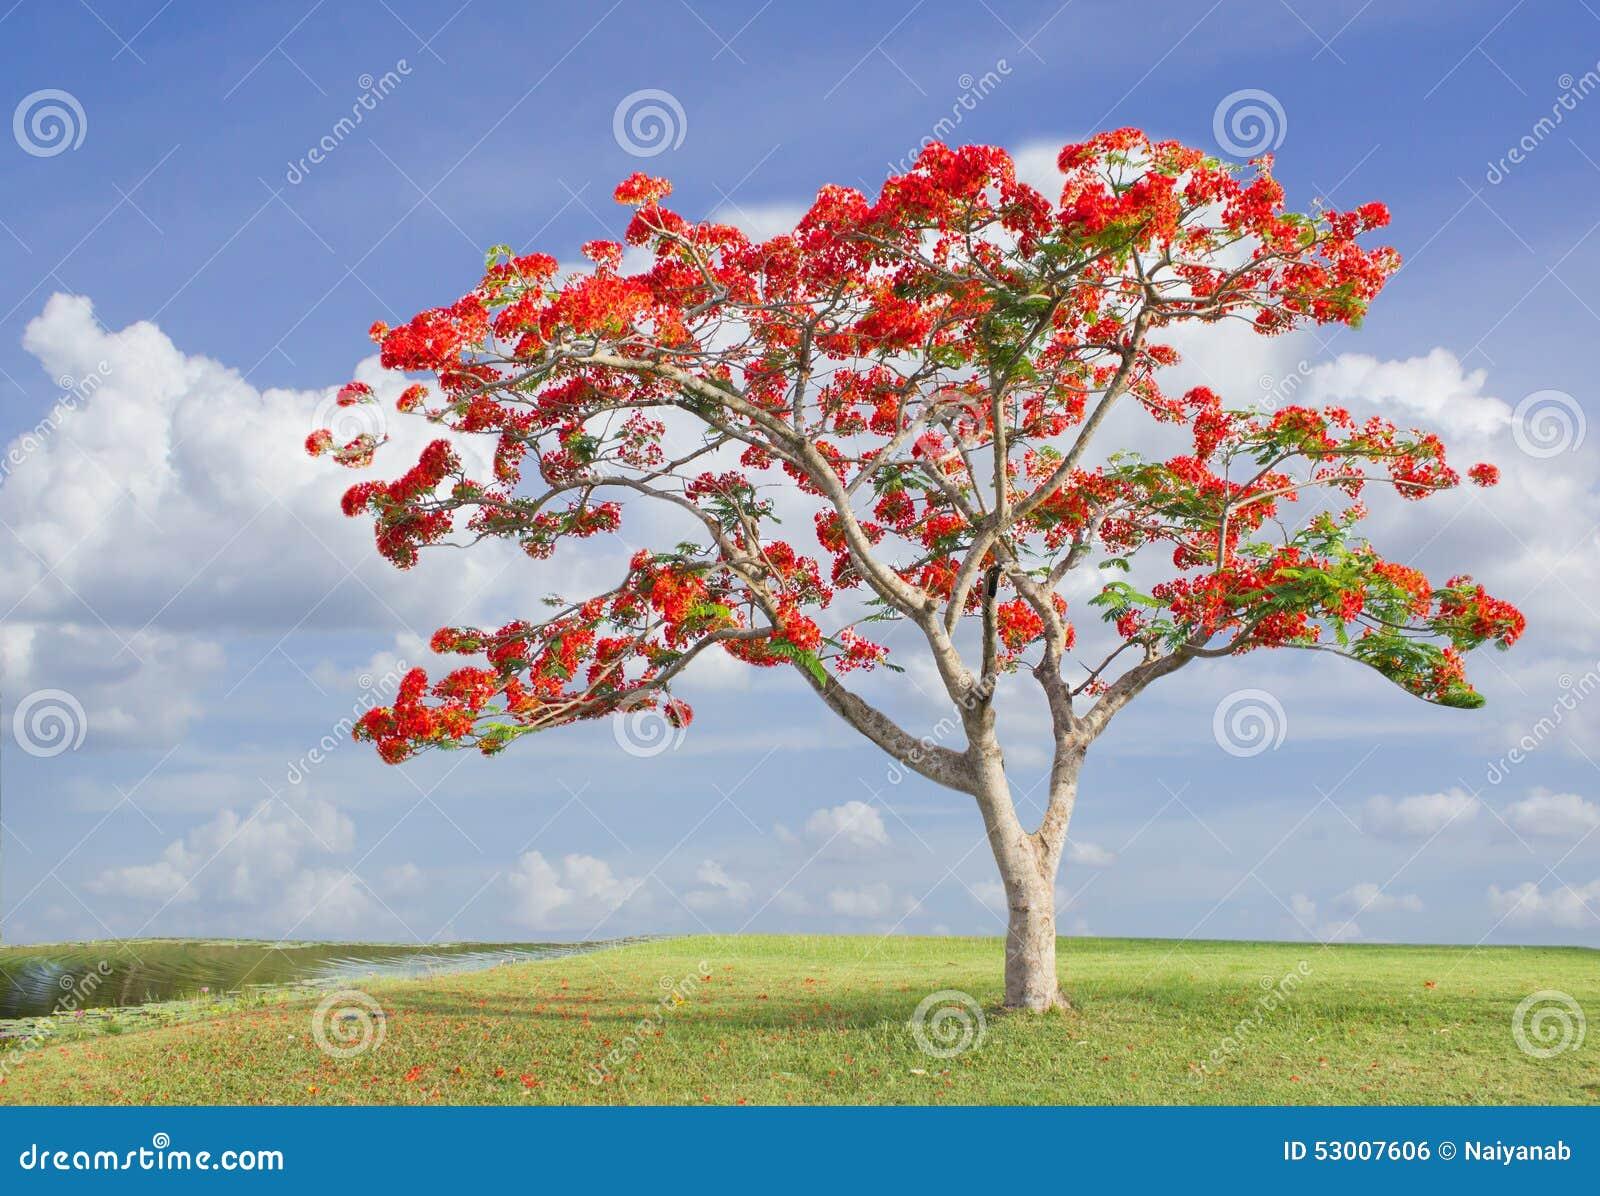 Grand arbre avec les fleurs rouges en stationnement photo stock image 53007606 - Arbres a fleurs rouges ...